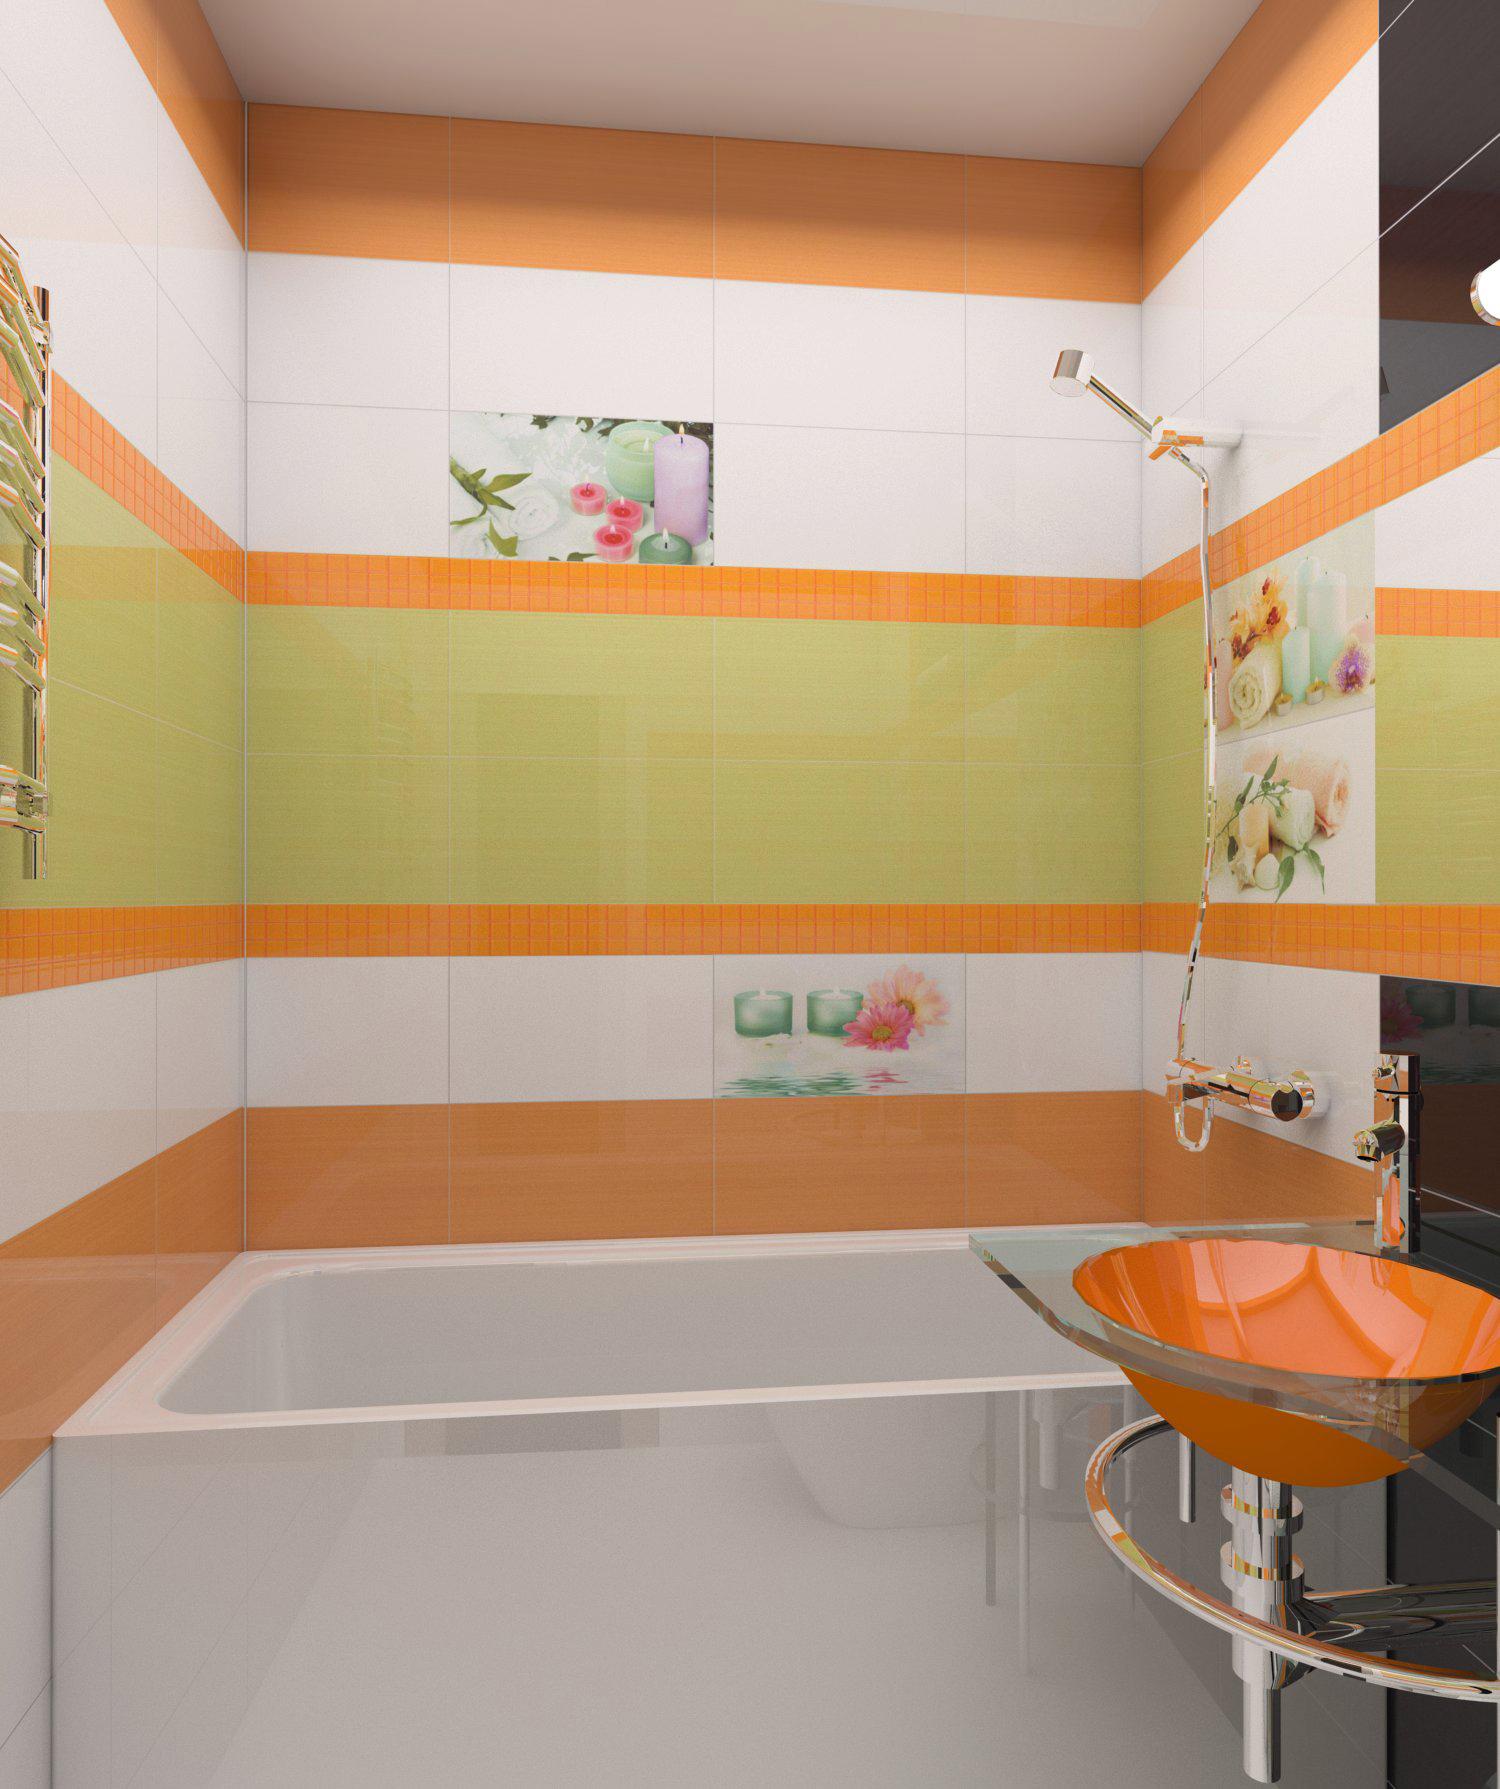 Оранжевый, зеленый, черный и белый цвета в интерьере ванной комнаты